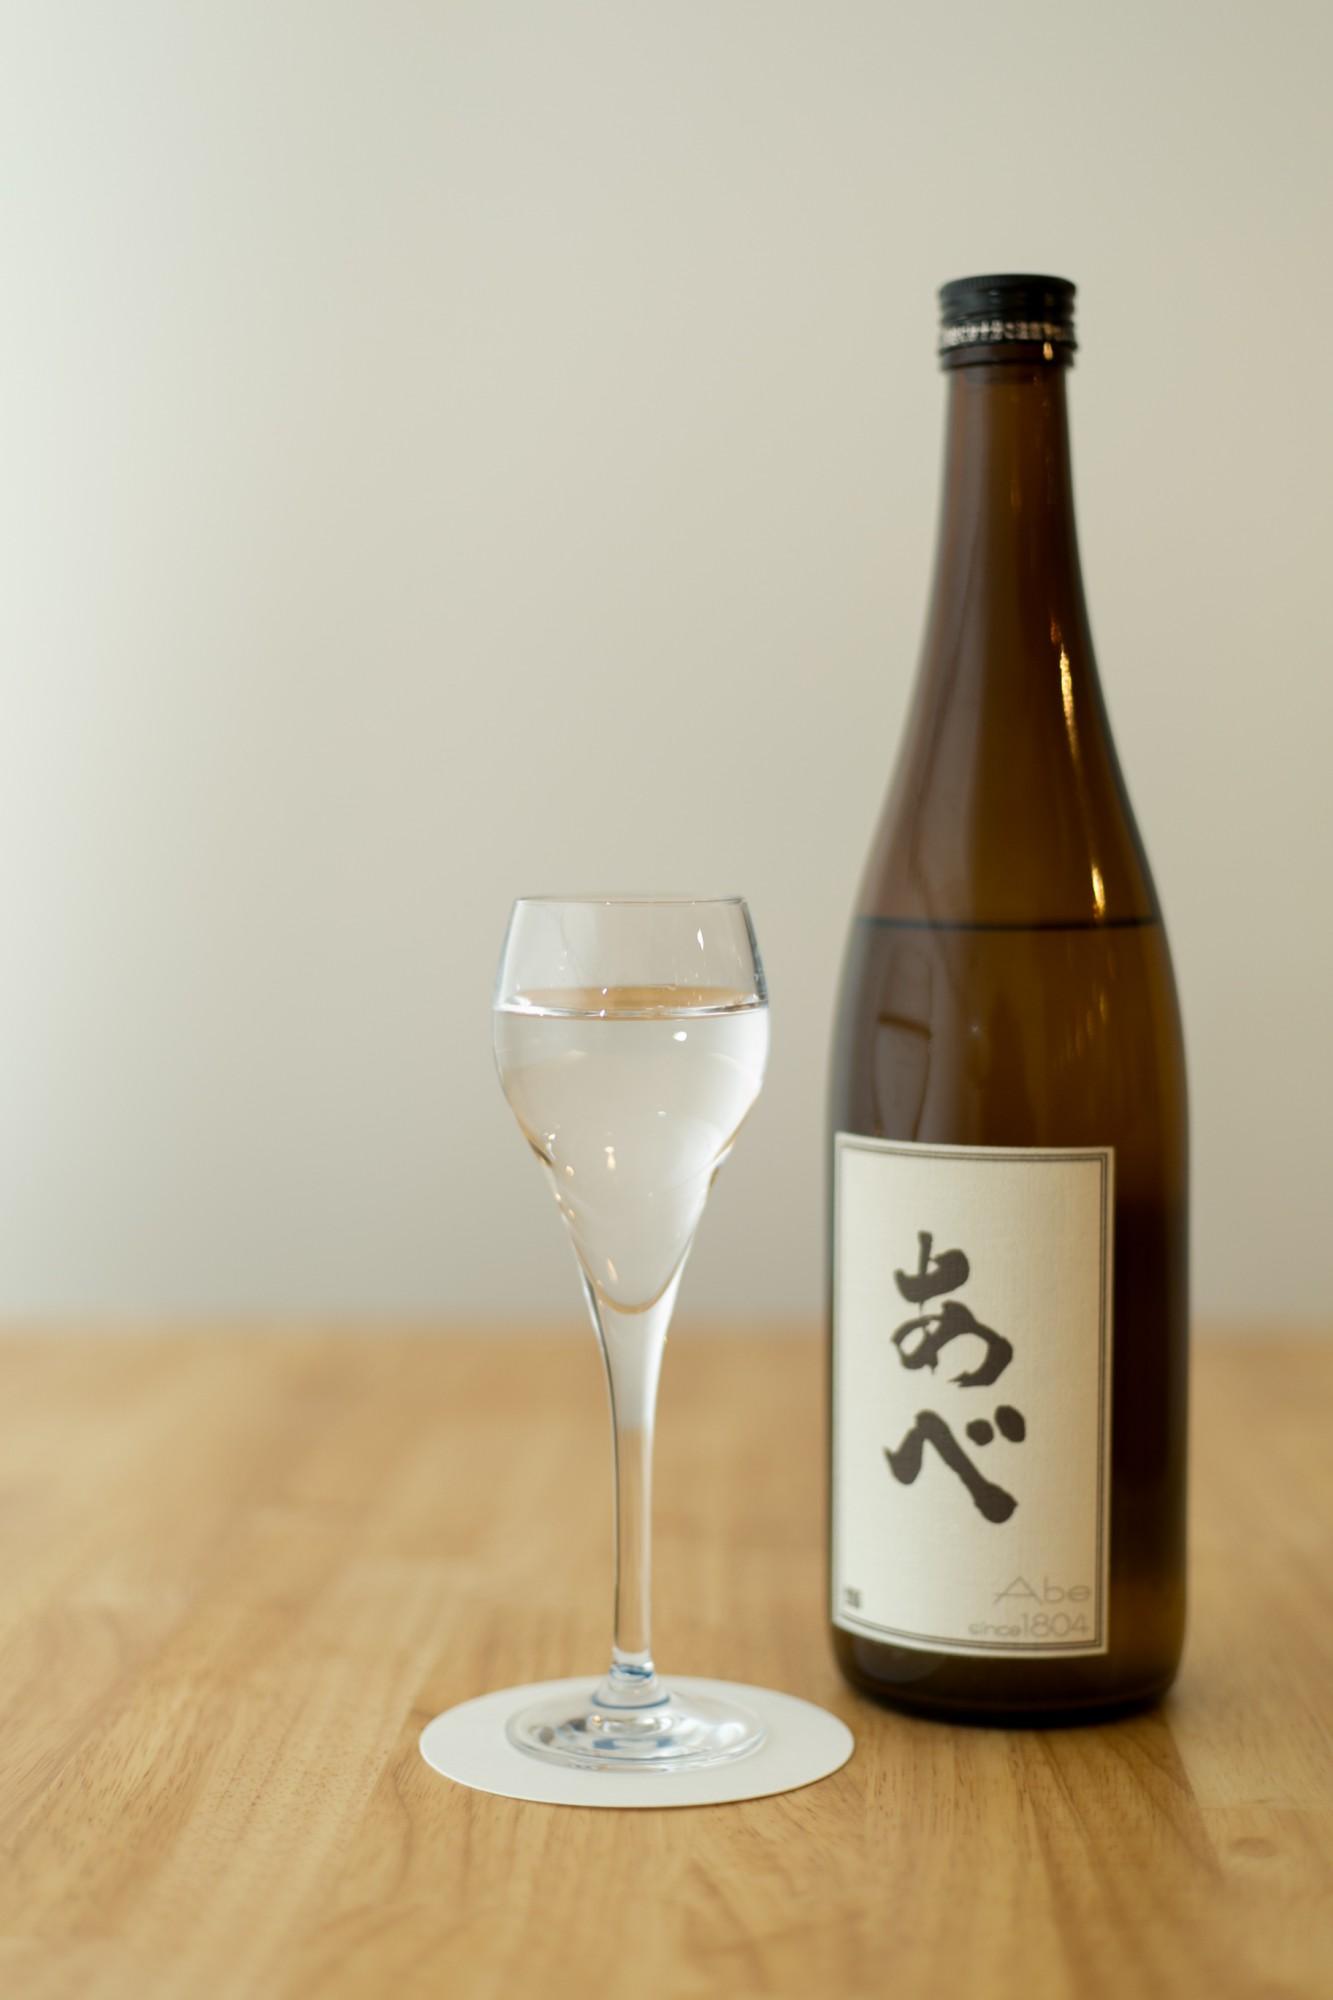 この日本酒バルでは貴重な県内産。柏崎の阿部酒造が手がける「あべ」。新潟の酒=淡麗辛口の常識を打ち破る甘みに特徴あり。